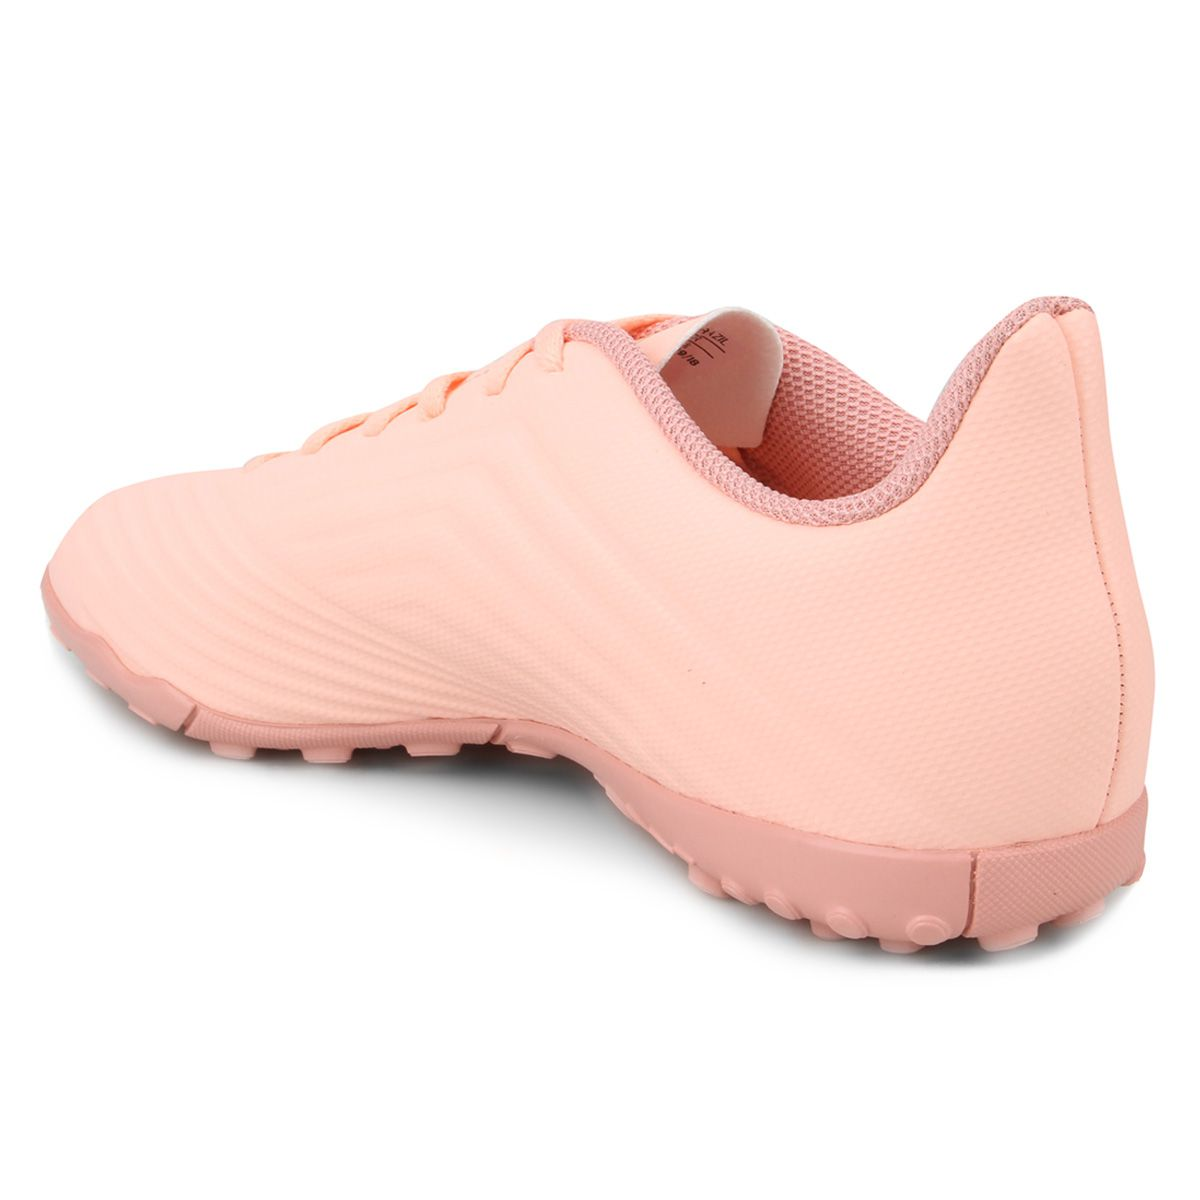 dfbab0839 Chuteira Society Adidas Predator Tan 18 4 TF - BRACIA SHOP: Loja de ...